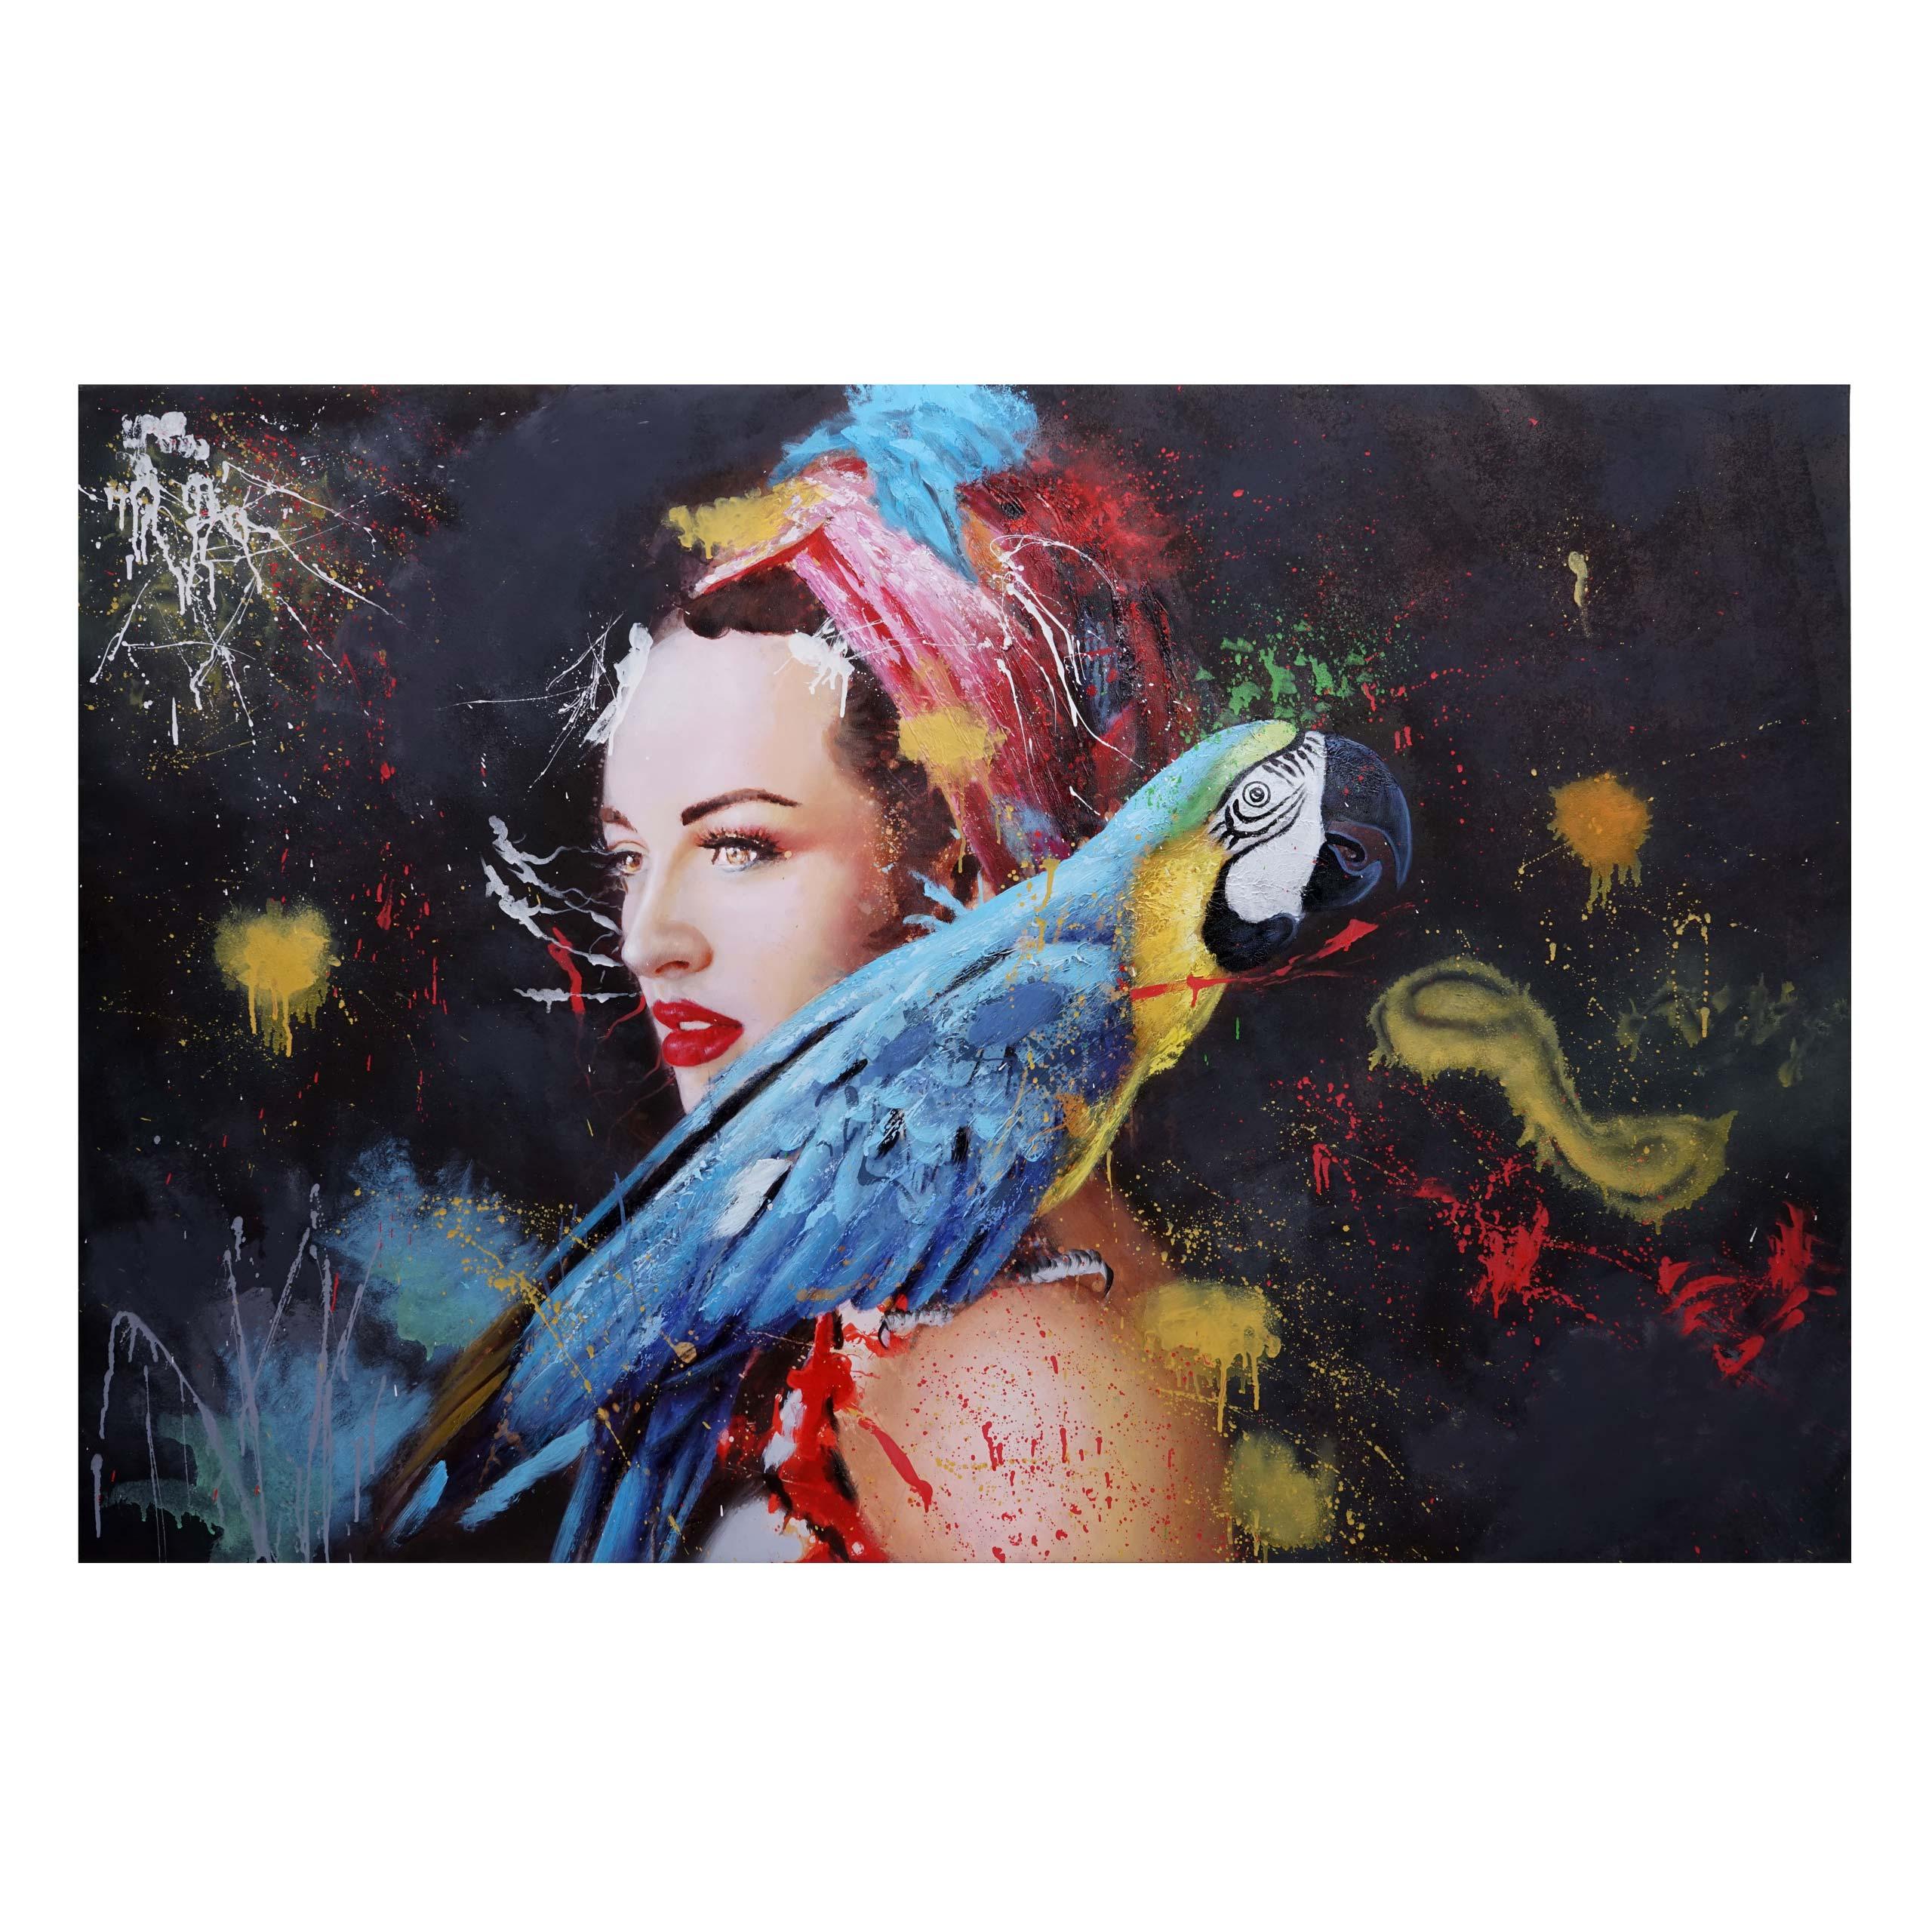 Mendler Ölgemälde Frau HWC-H25, Leinwandbild Wandgemälde Gemälde, handgemaltes XL Wandbild ~ Variantenangebo 72764